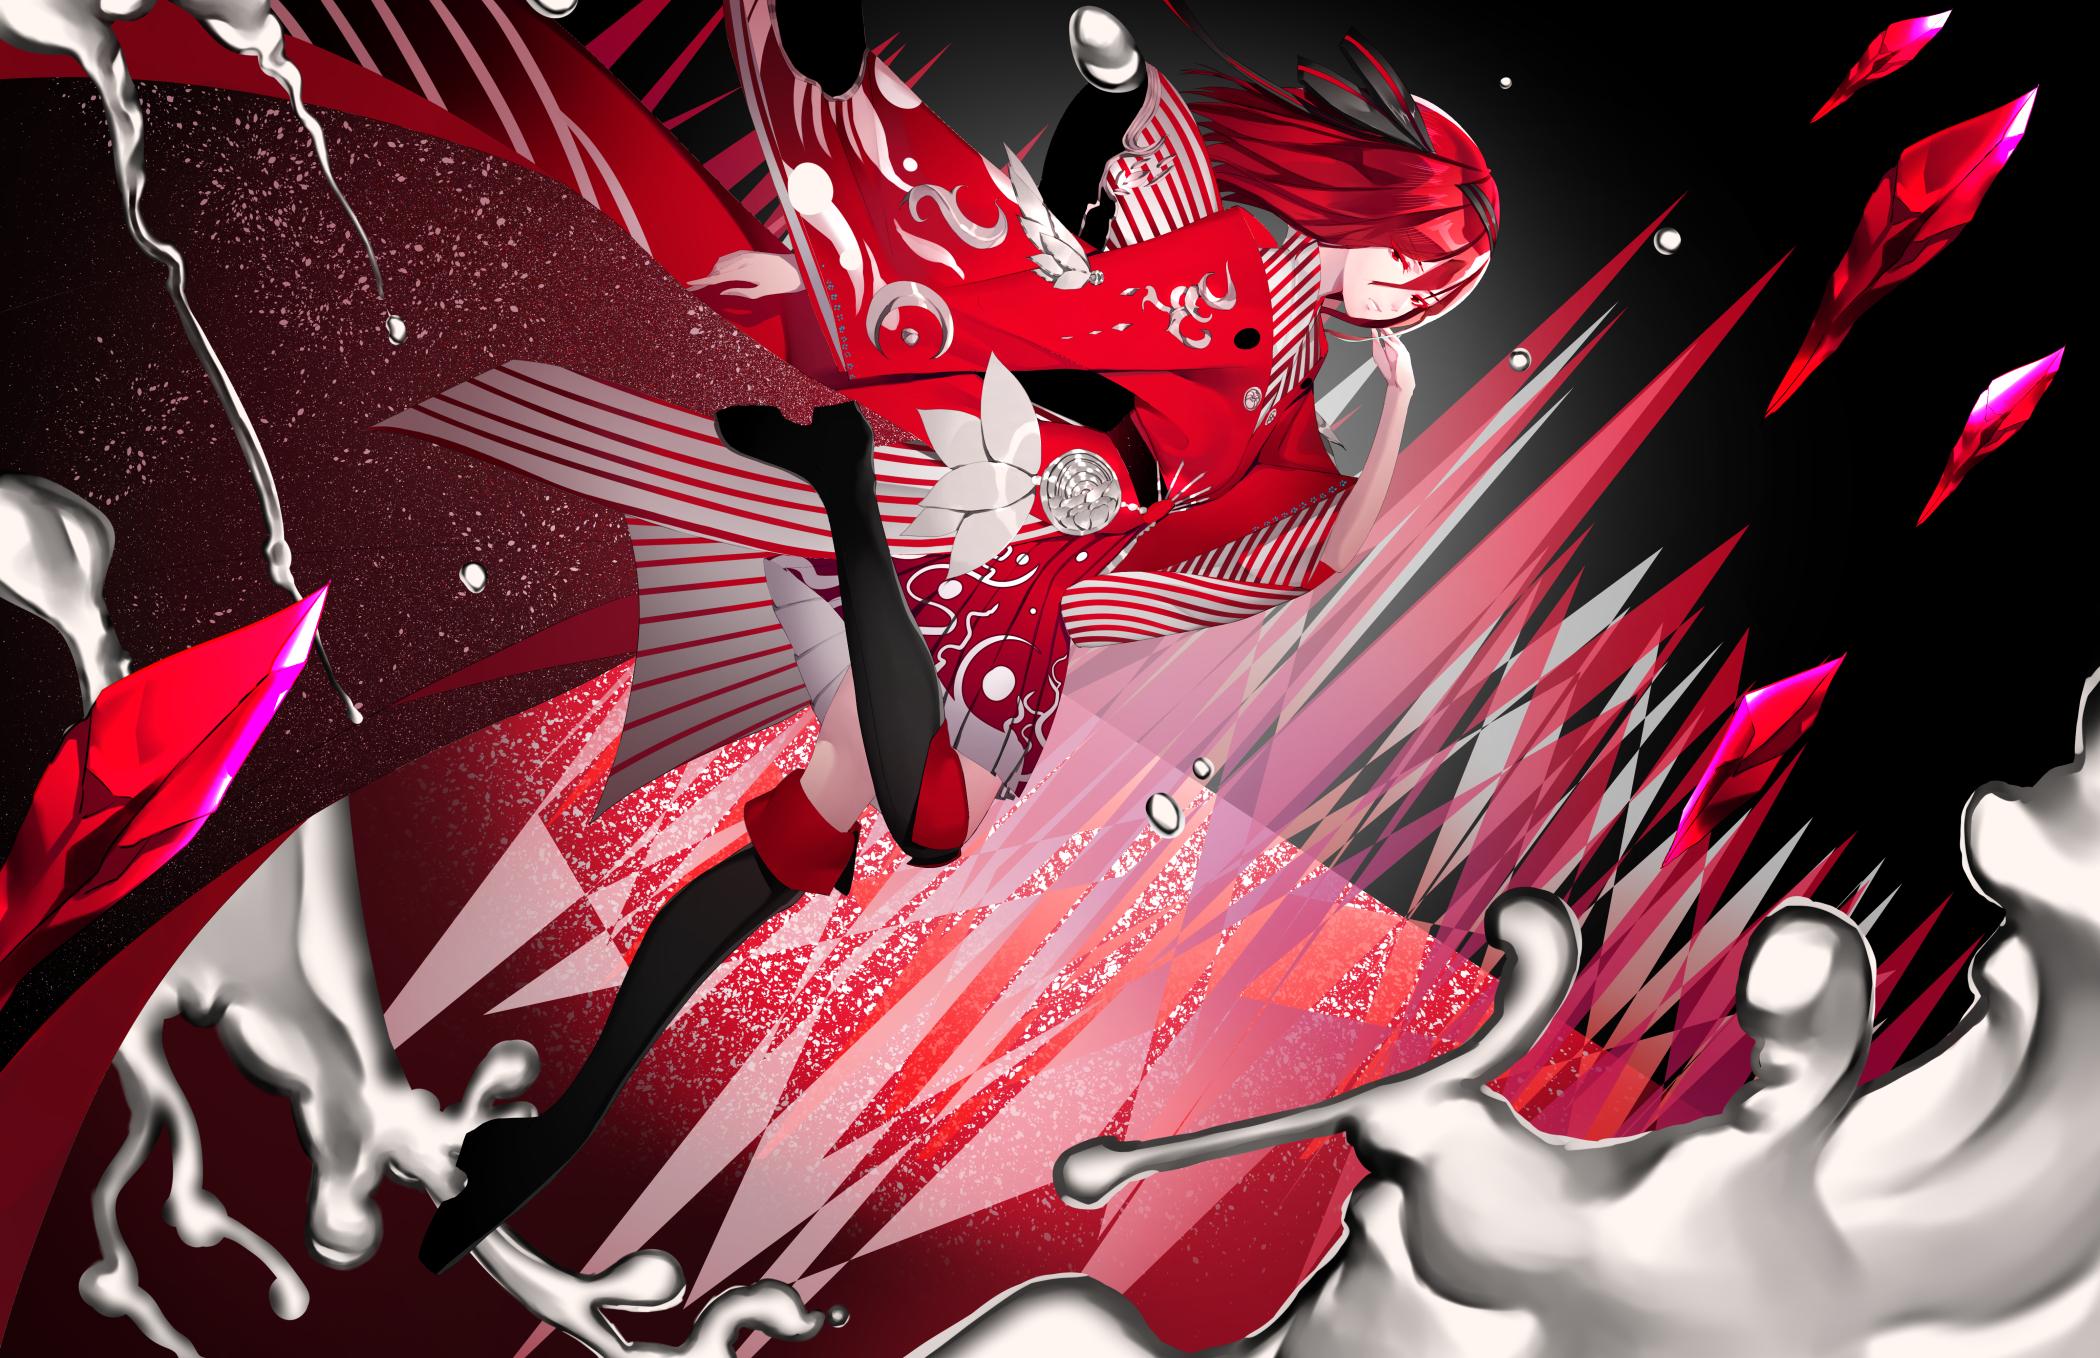 Houseki No Kuni Wallpaper: Cinnabar (Houseki No Kuni) Wallpaper #2248971